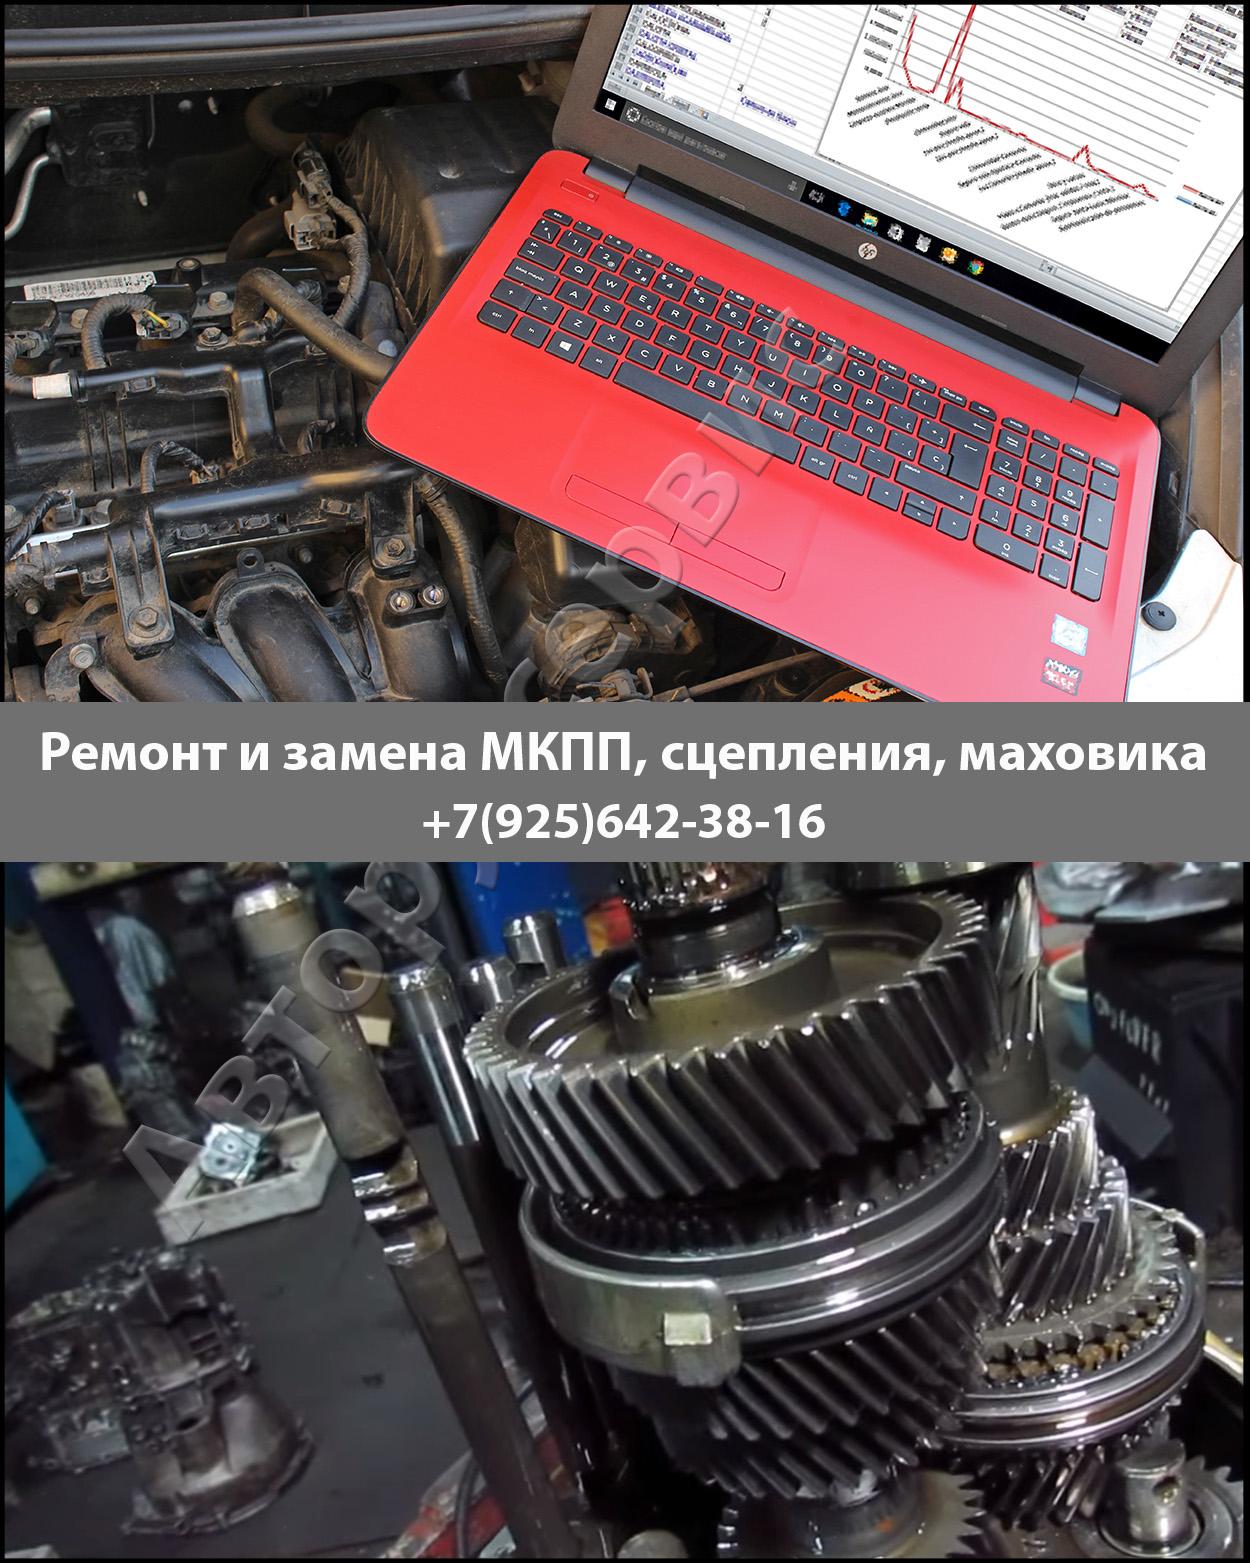 Фото ремонта МКПП Peugeot 206